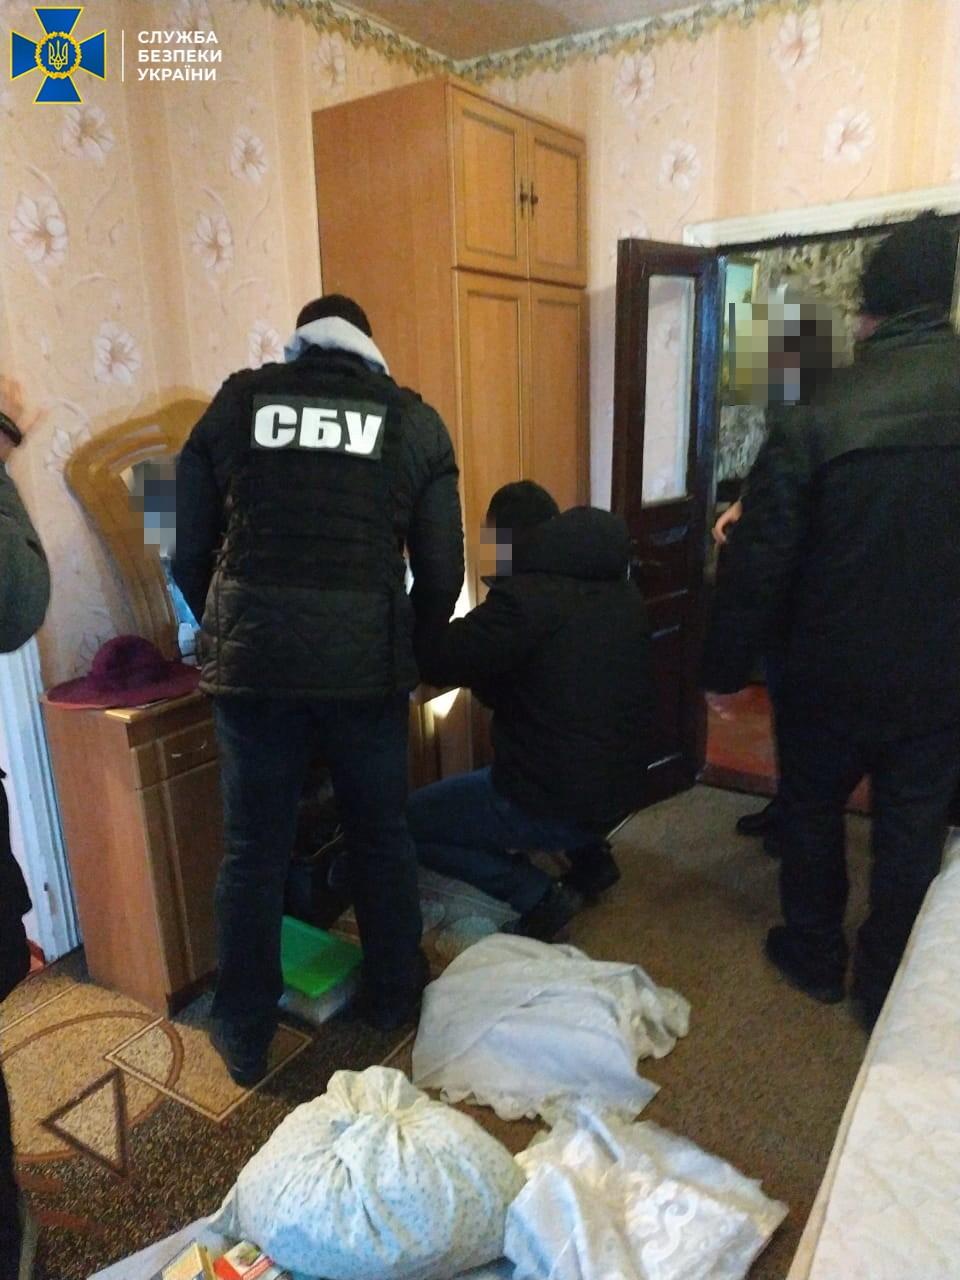 Псевдо-органи місцевої влади: в Кіровоградській області створили фейковий ОТГ